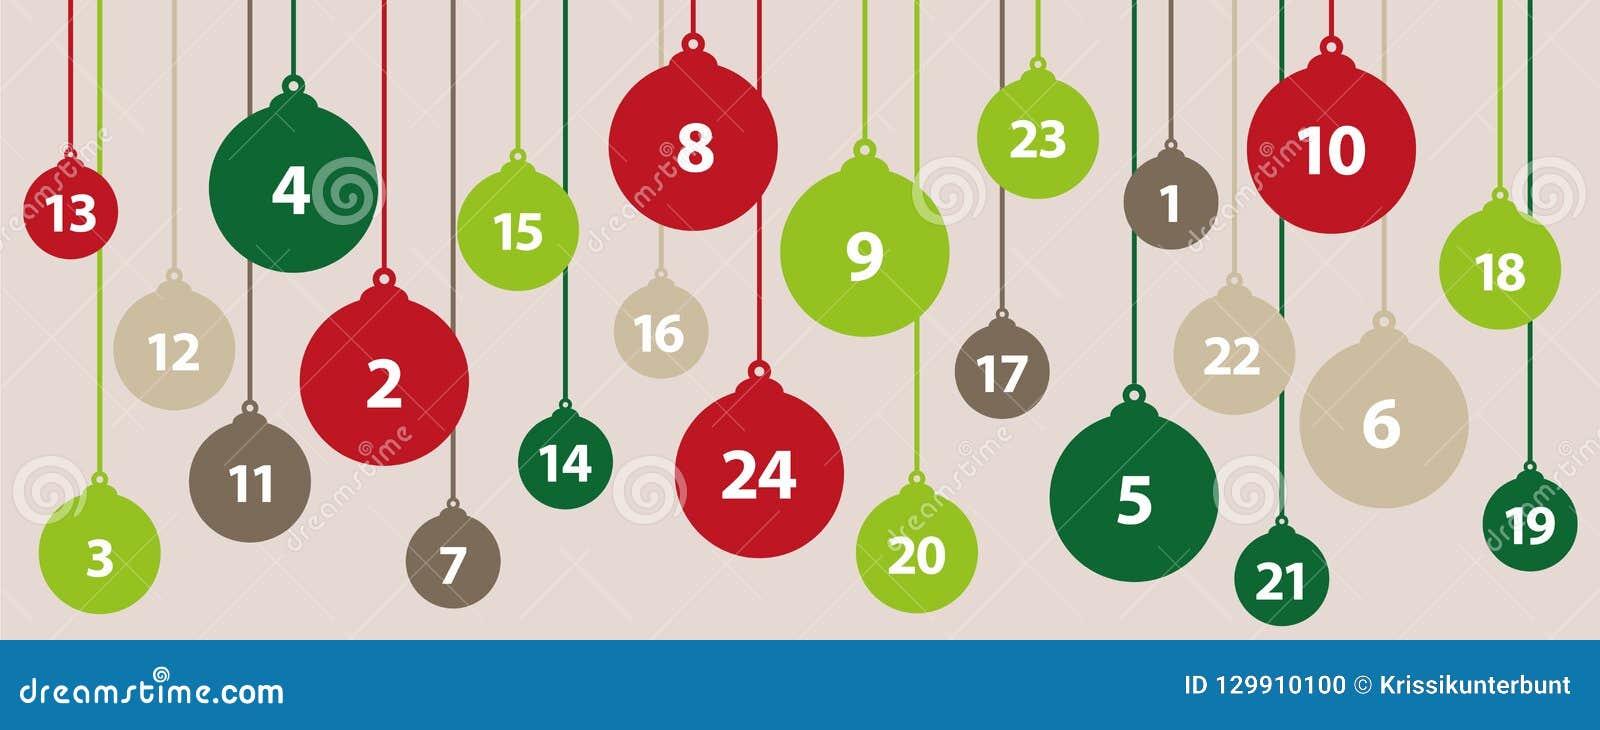 Bollar för träd för jul för Adventkalender 24 i gröna och röda färger